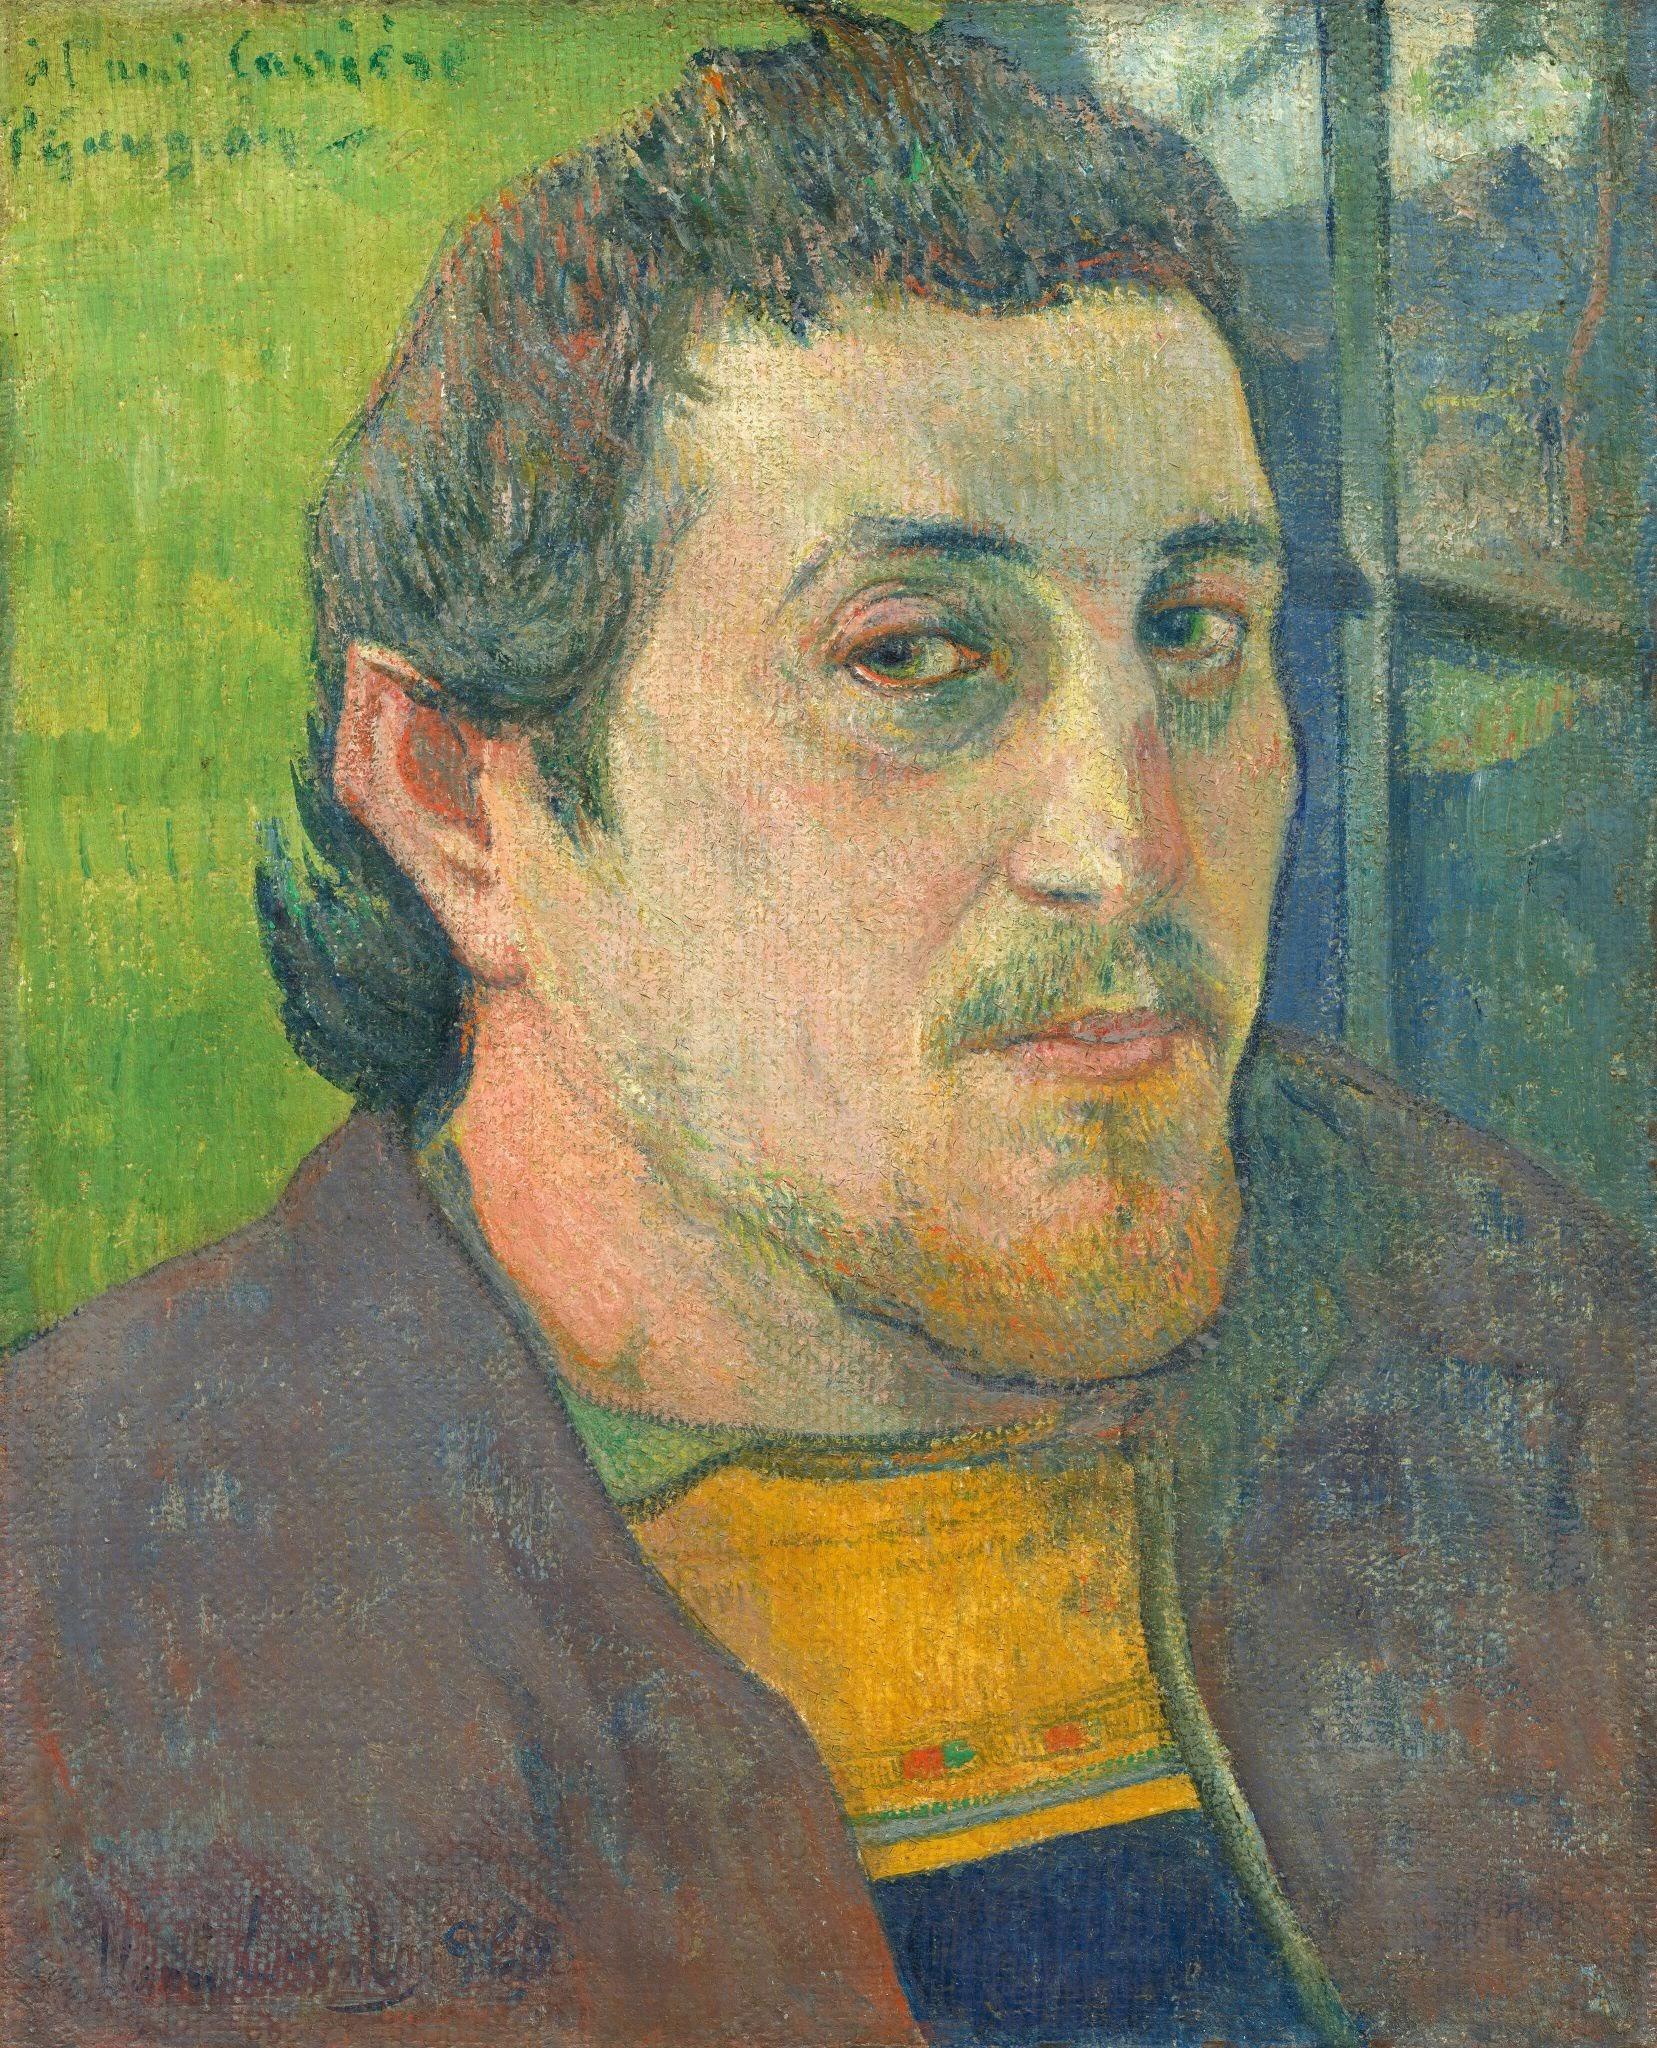 ゴーギャンという画家が目指した絵画とは?ポール・ゴーギャンの世界観